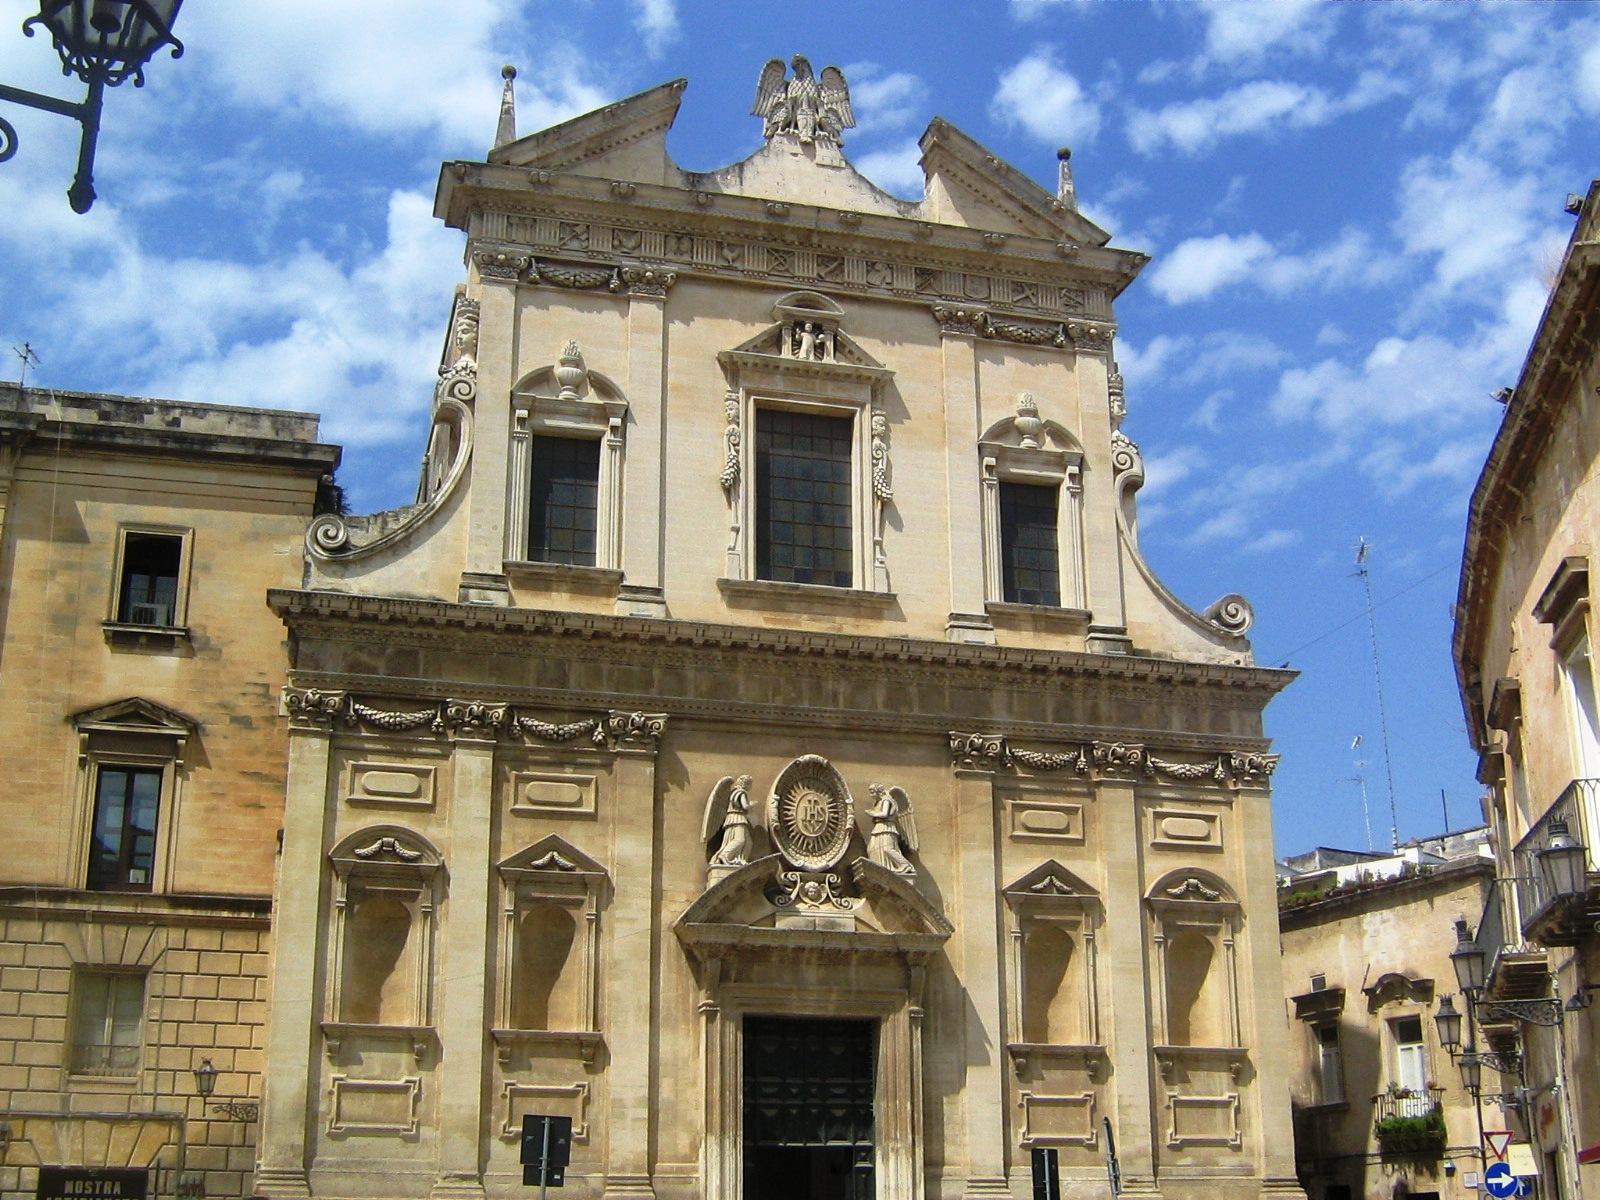 Nuestra Señora del Camino, la Patrona de los Jesuítas, Italia (24 may)